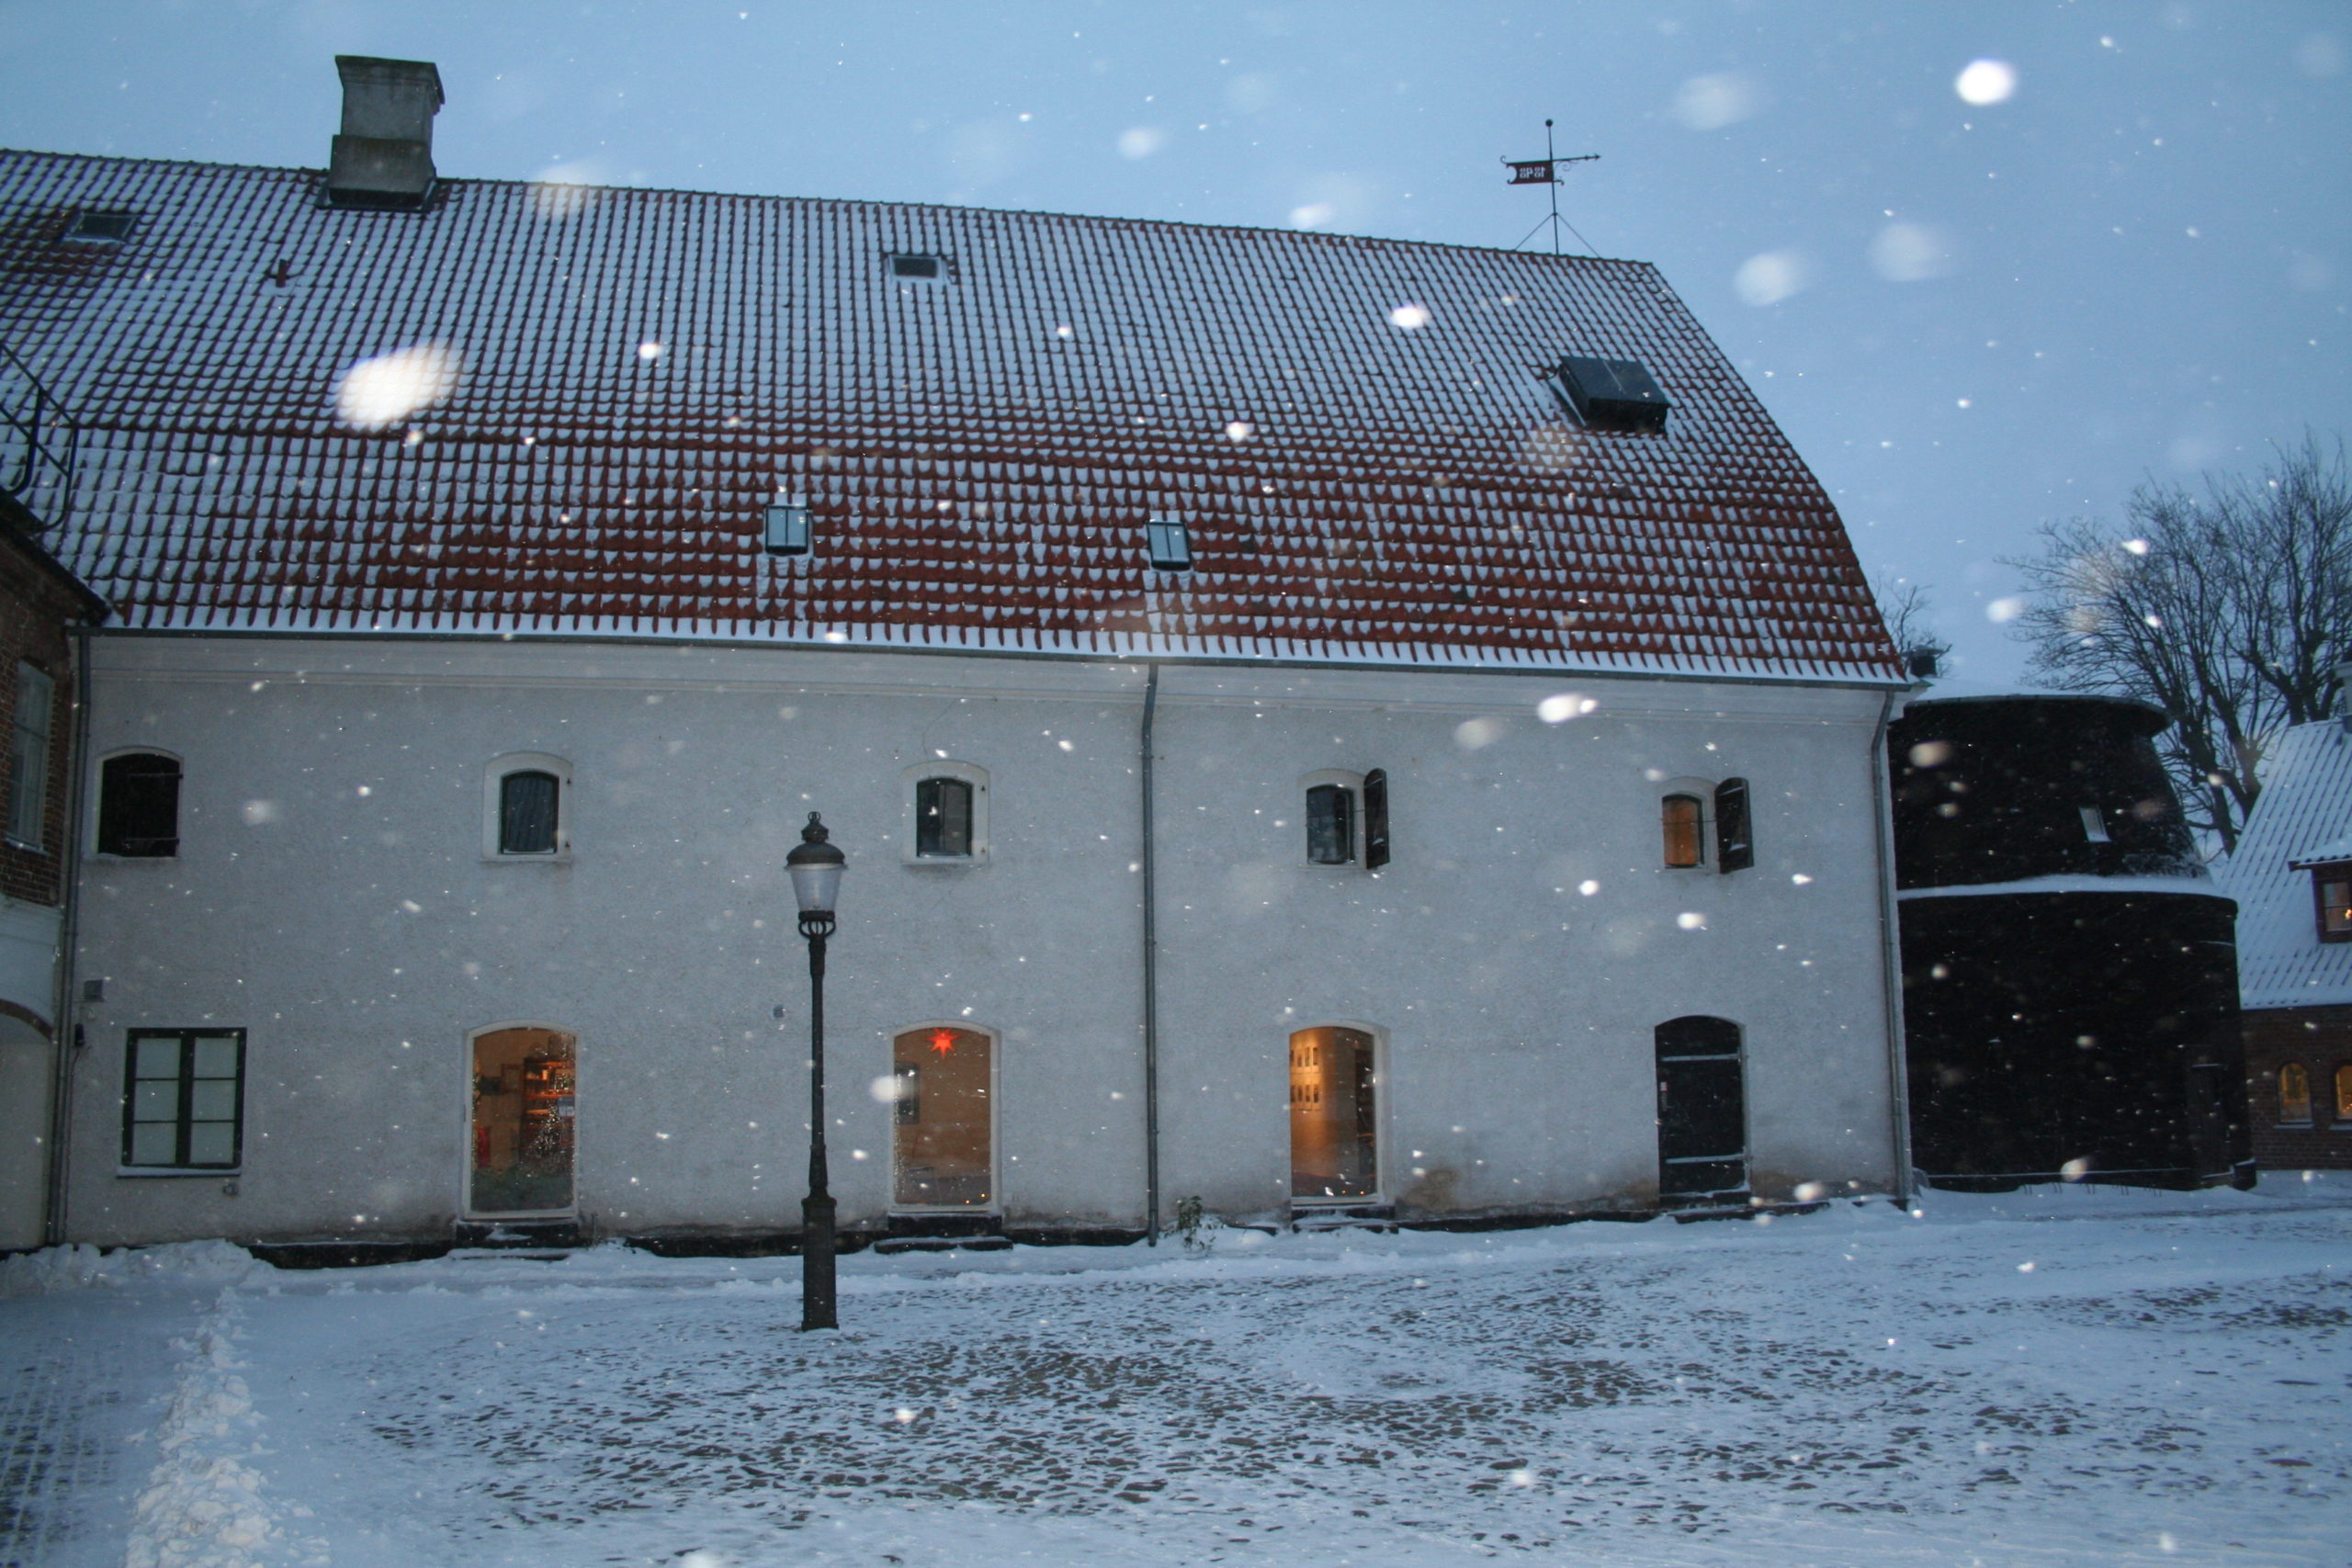 5 december 2020 Österlens museum Julsagor och folktro kring julen foto Österlens museum scaled österlen.se